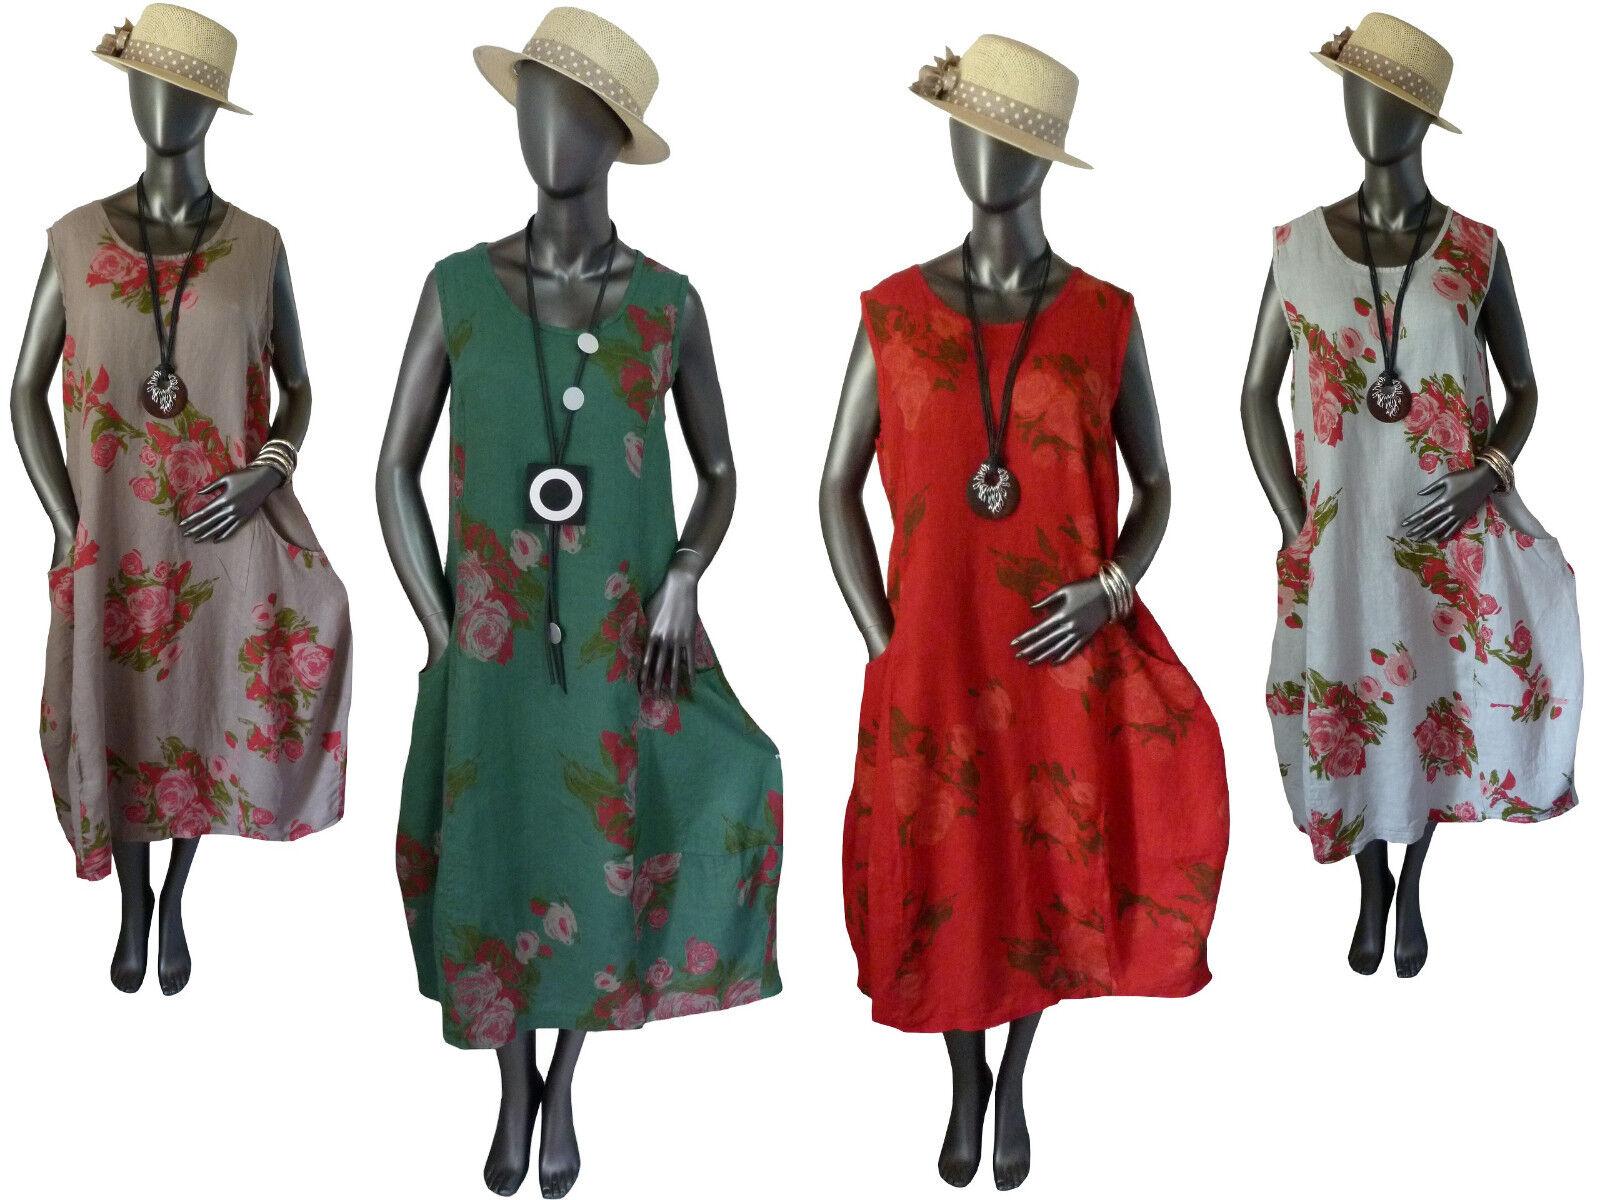 Kleid Leinenkleid Sommerkleid Rosandruck leicht lang  4 Farben Gr.40-50  Italien